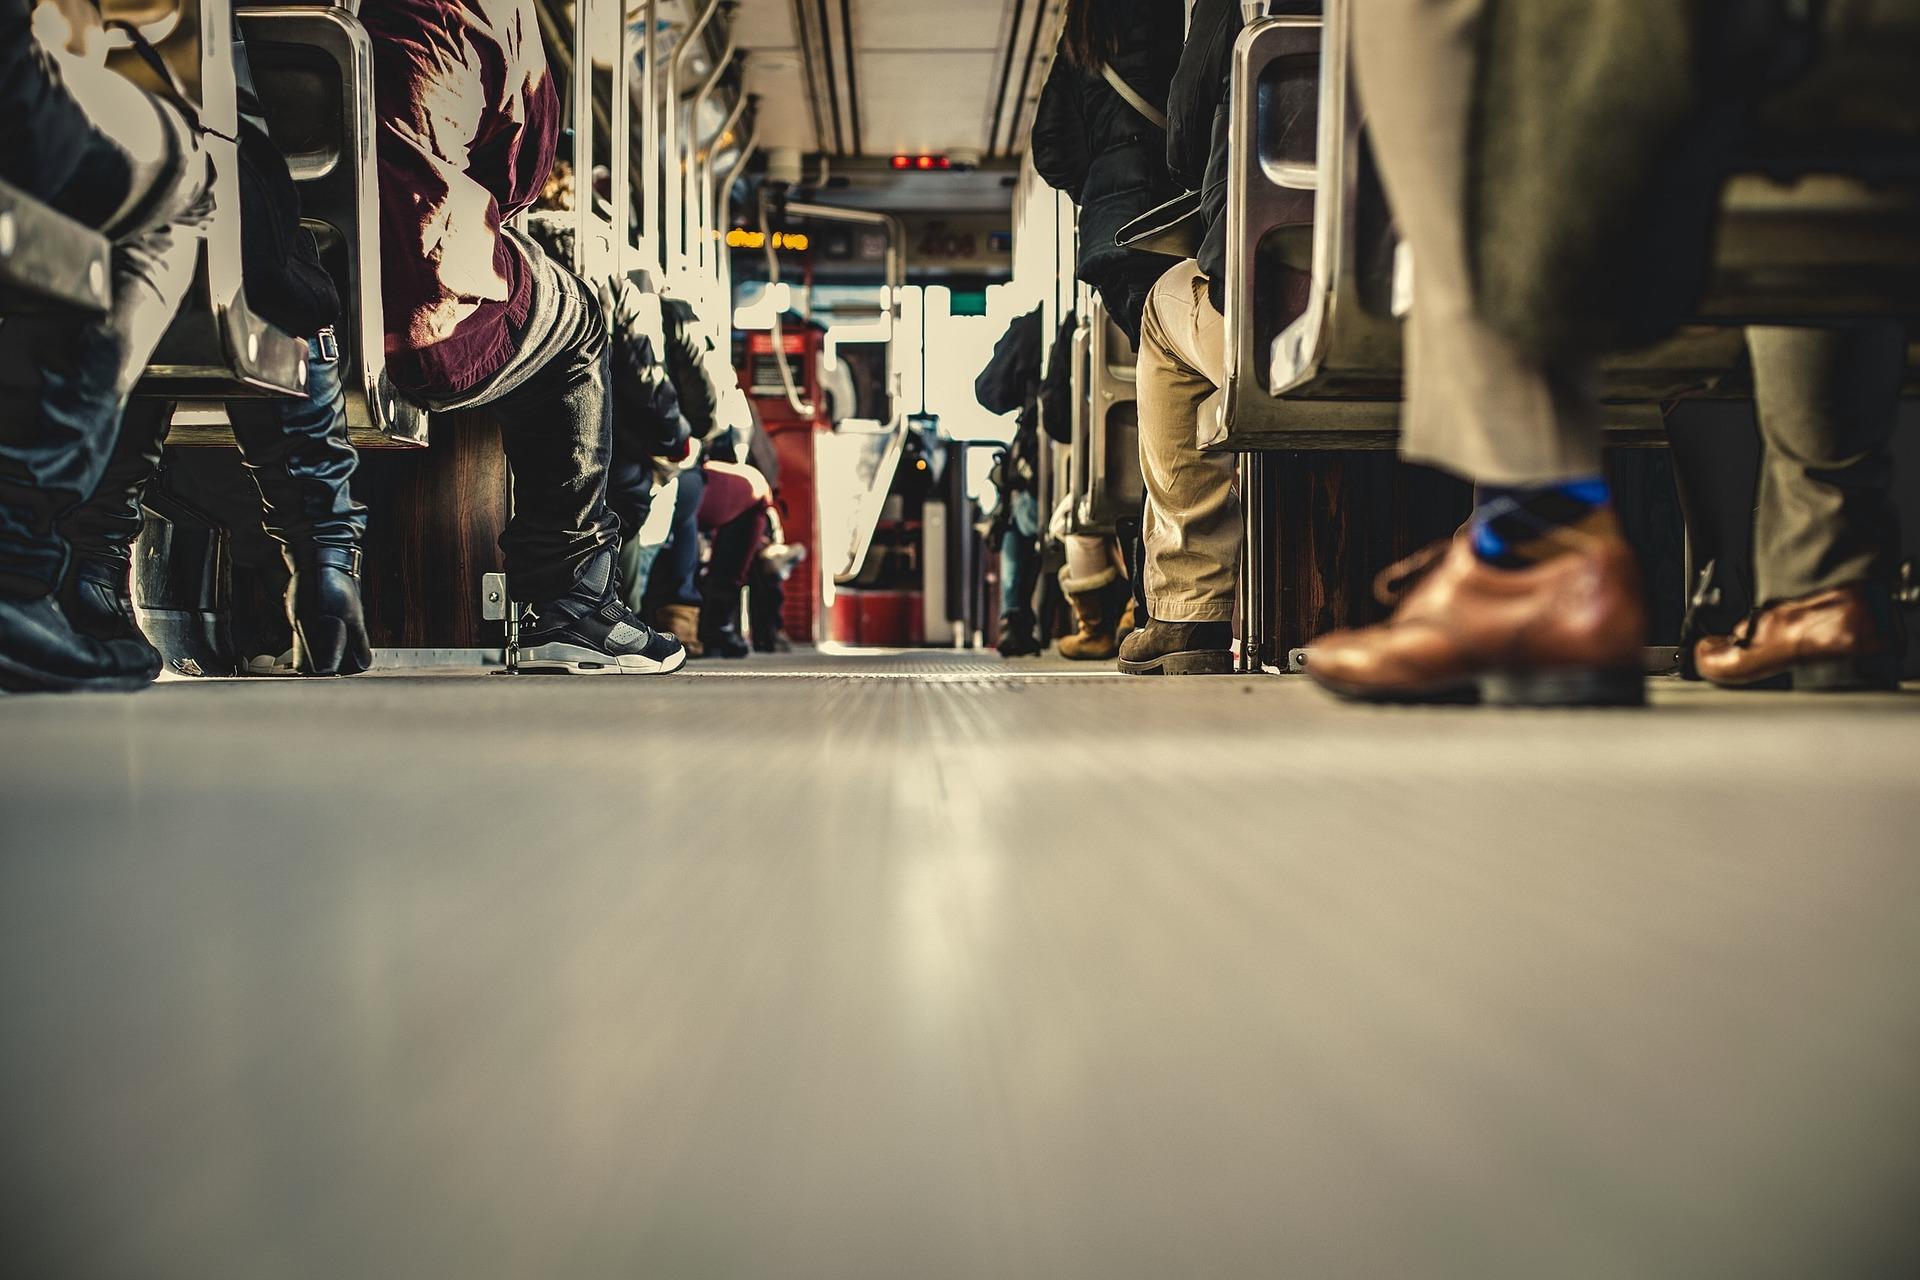 Mobilità sostenibile: la città 5.0